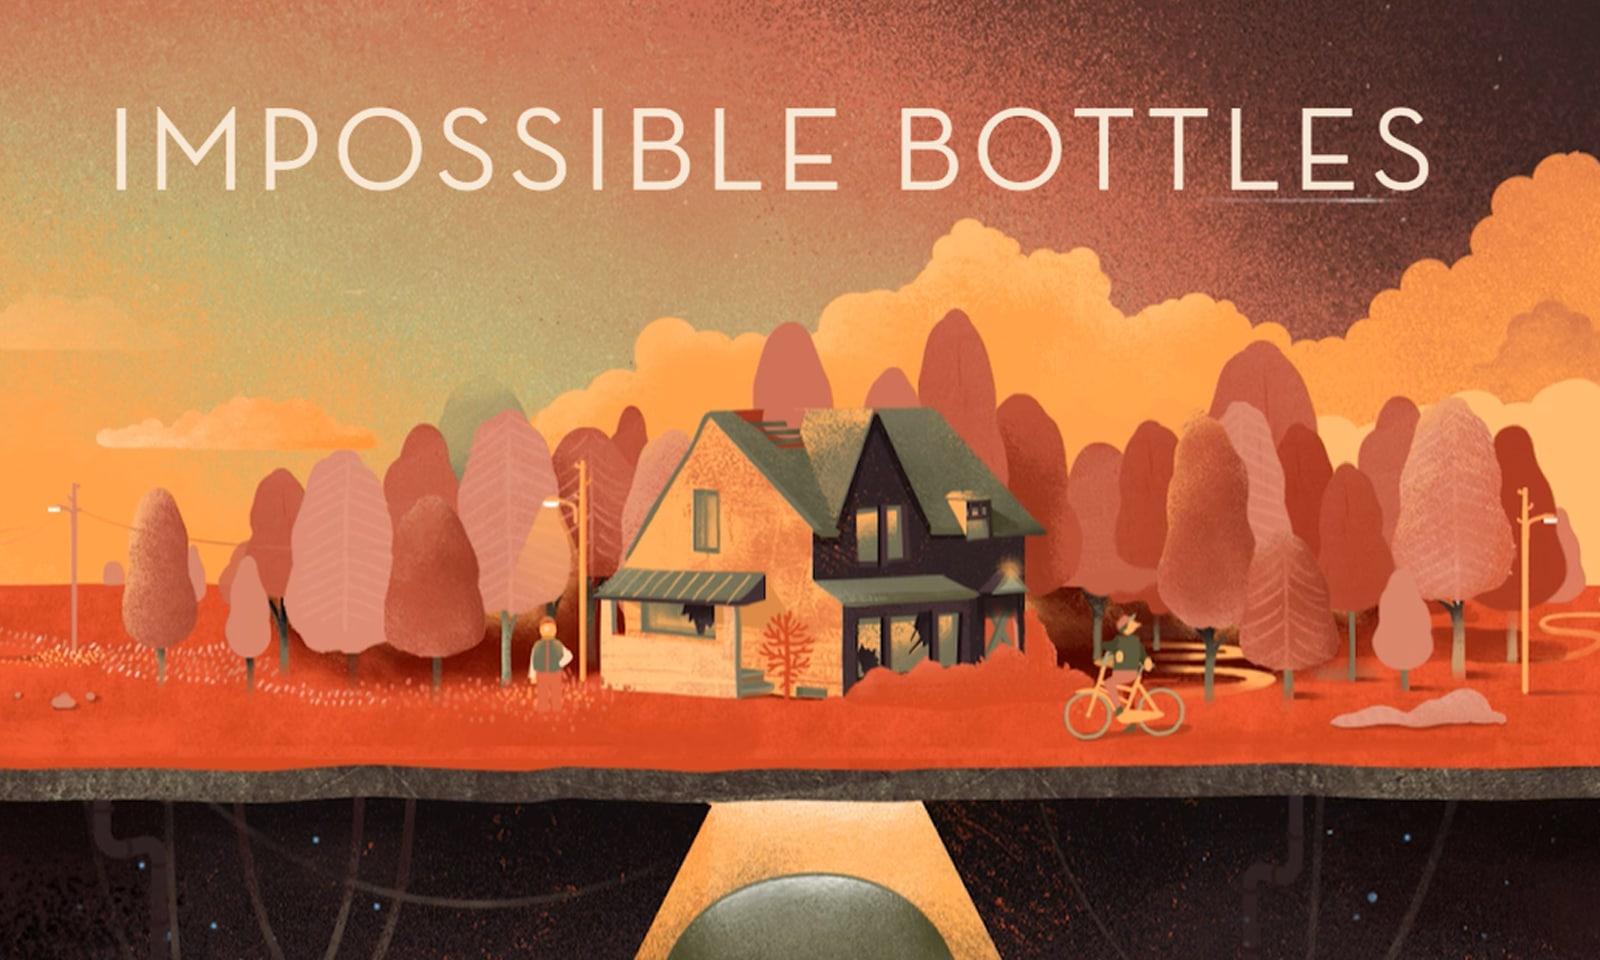 Impossible-Bottles-de-Honig-Studios